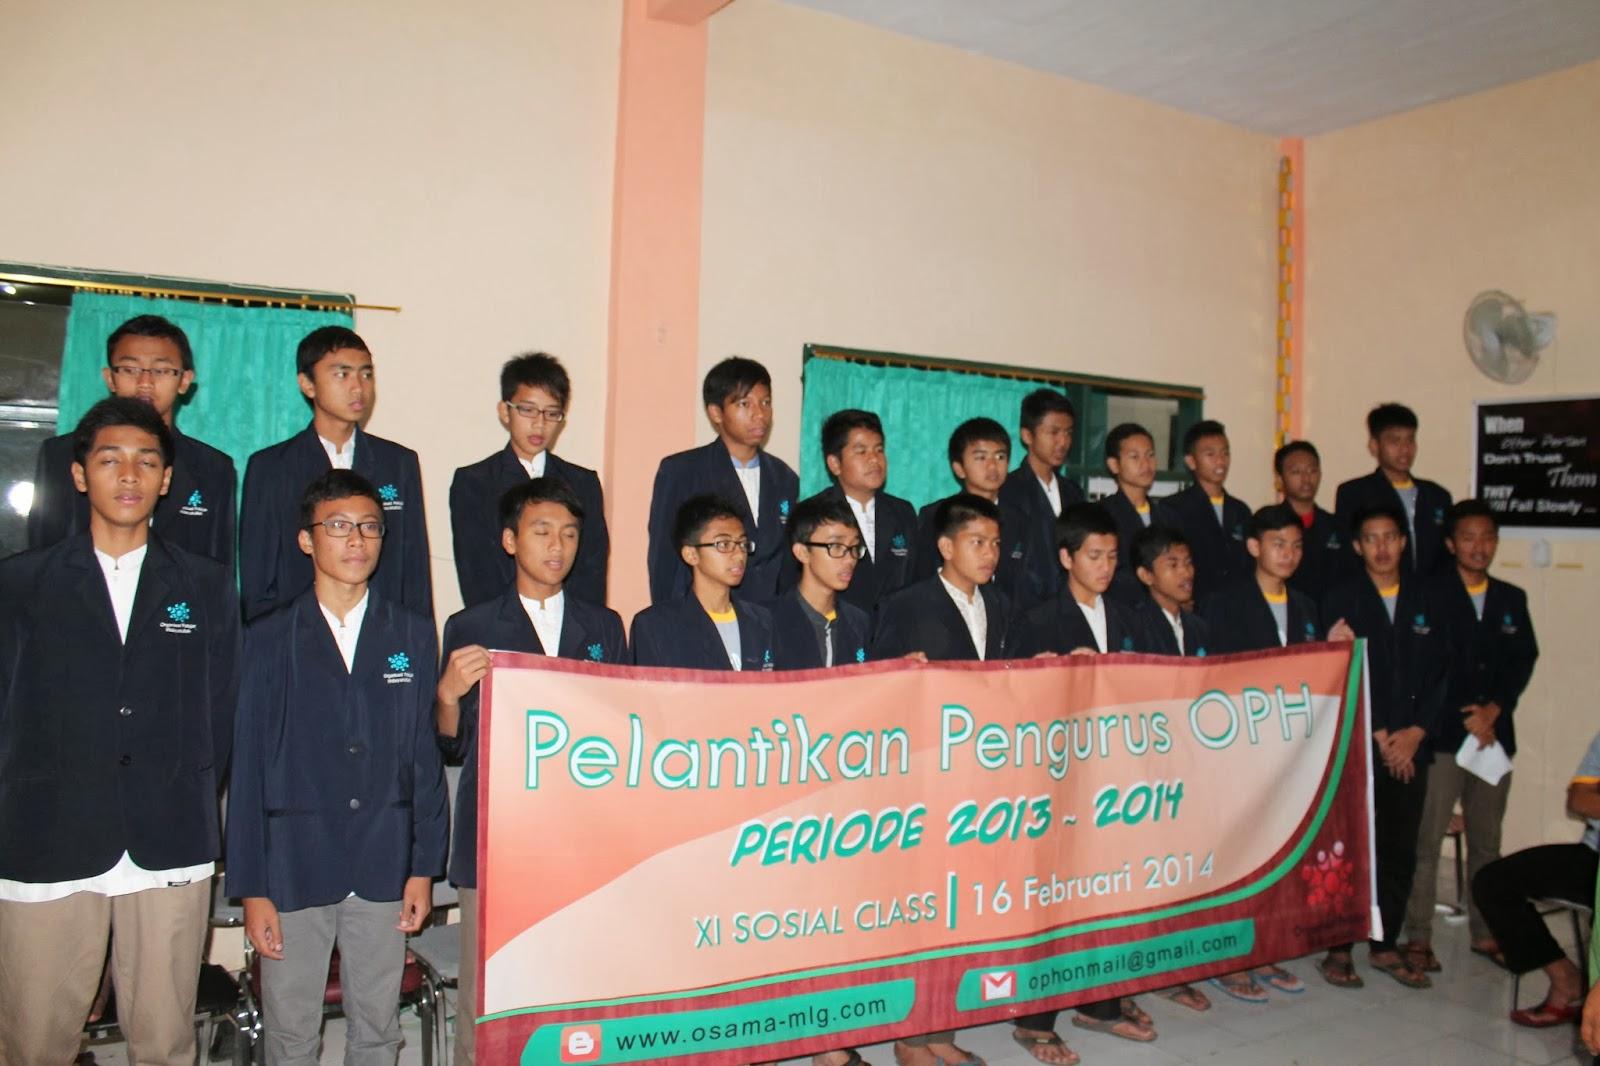 Pelantikan Anggota Baru OPH SMA Ar-Rohmah Th. Angkatan 2013-2014